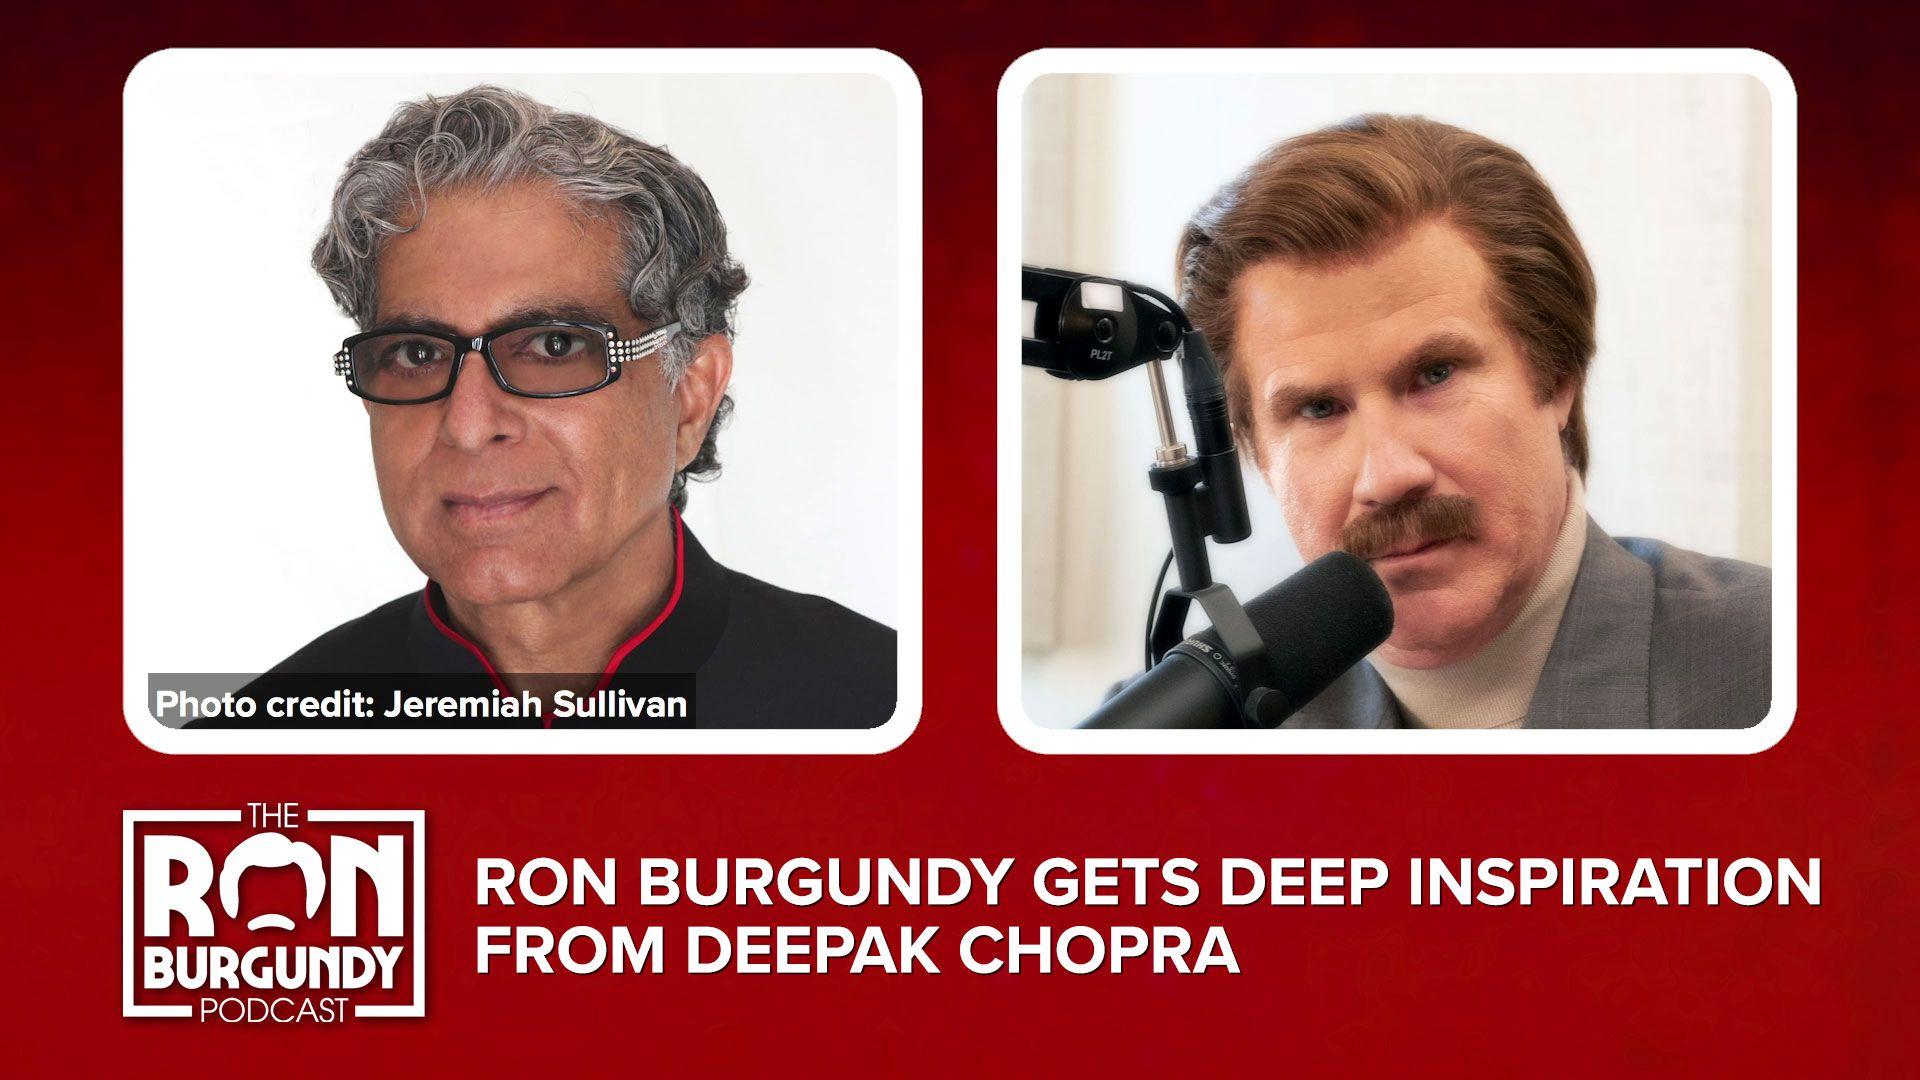 Ron Burgundy Gets Deep Inspiration From Deepak Chopra